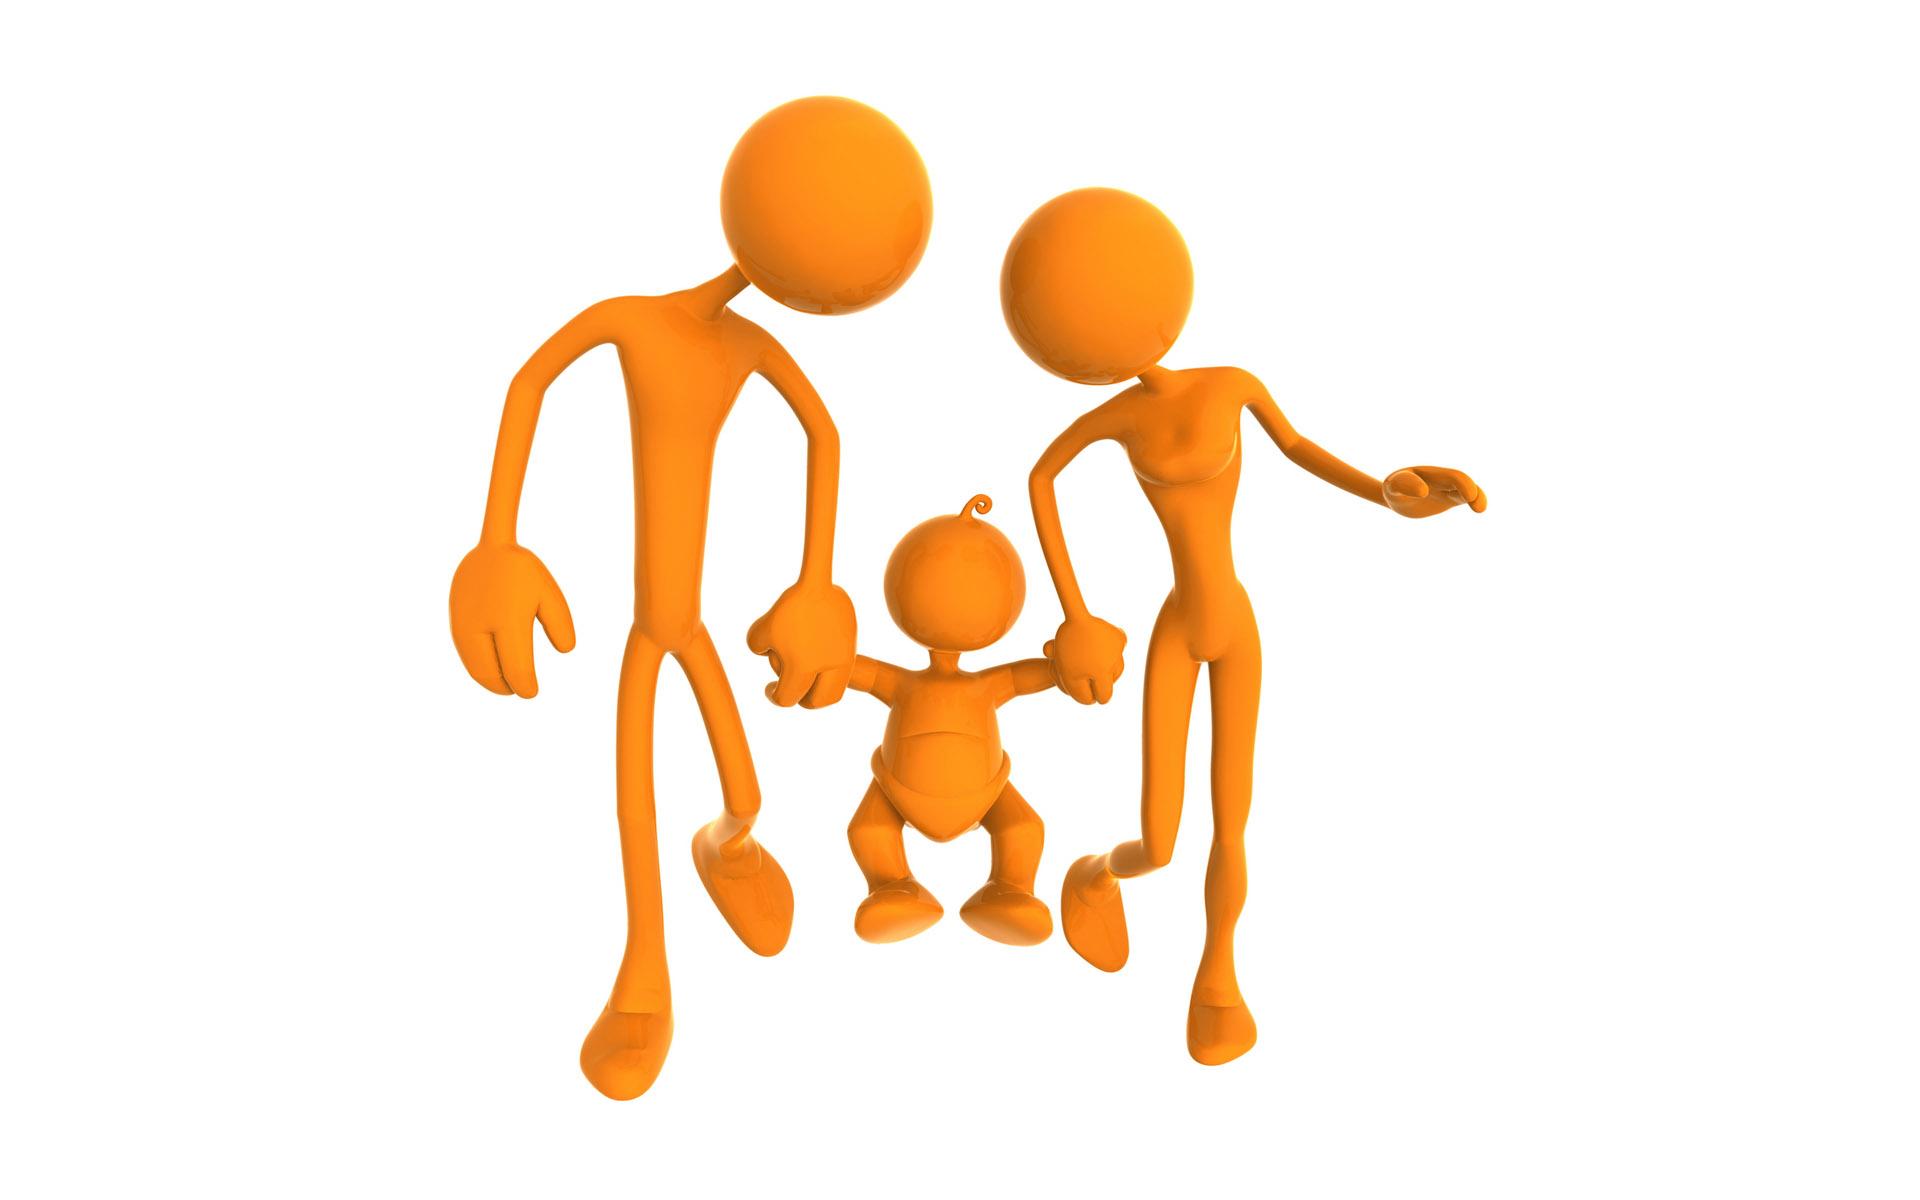 Orange puppets 3d